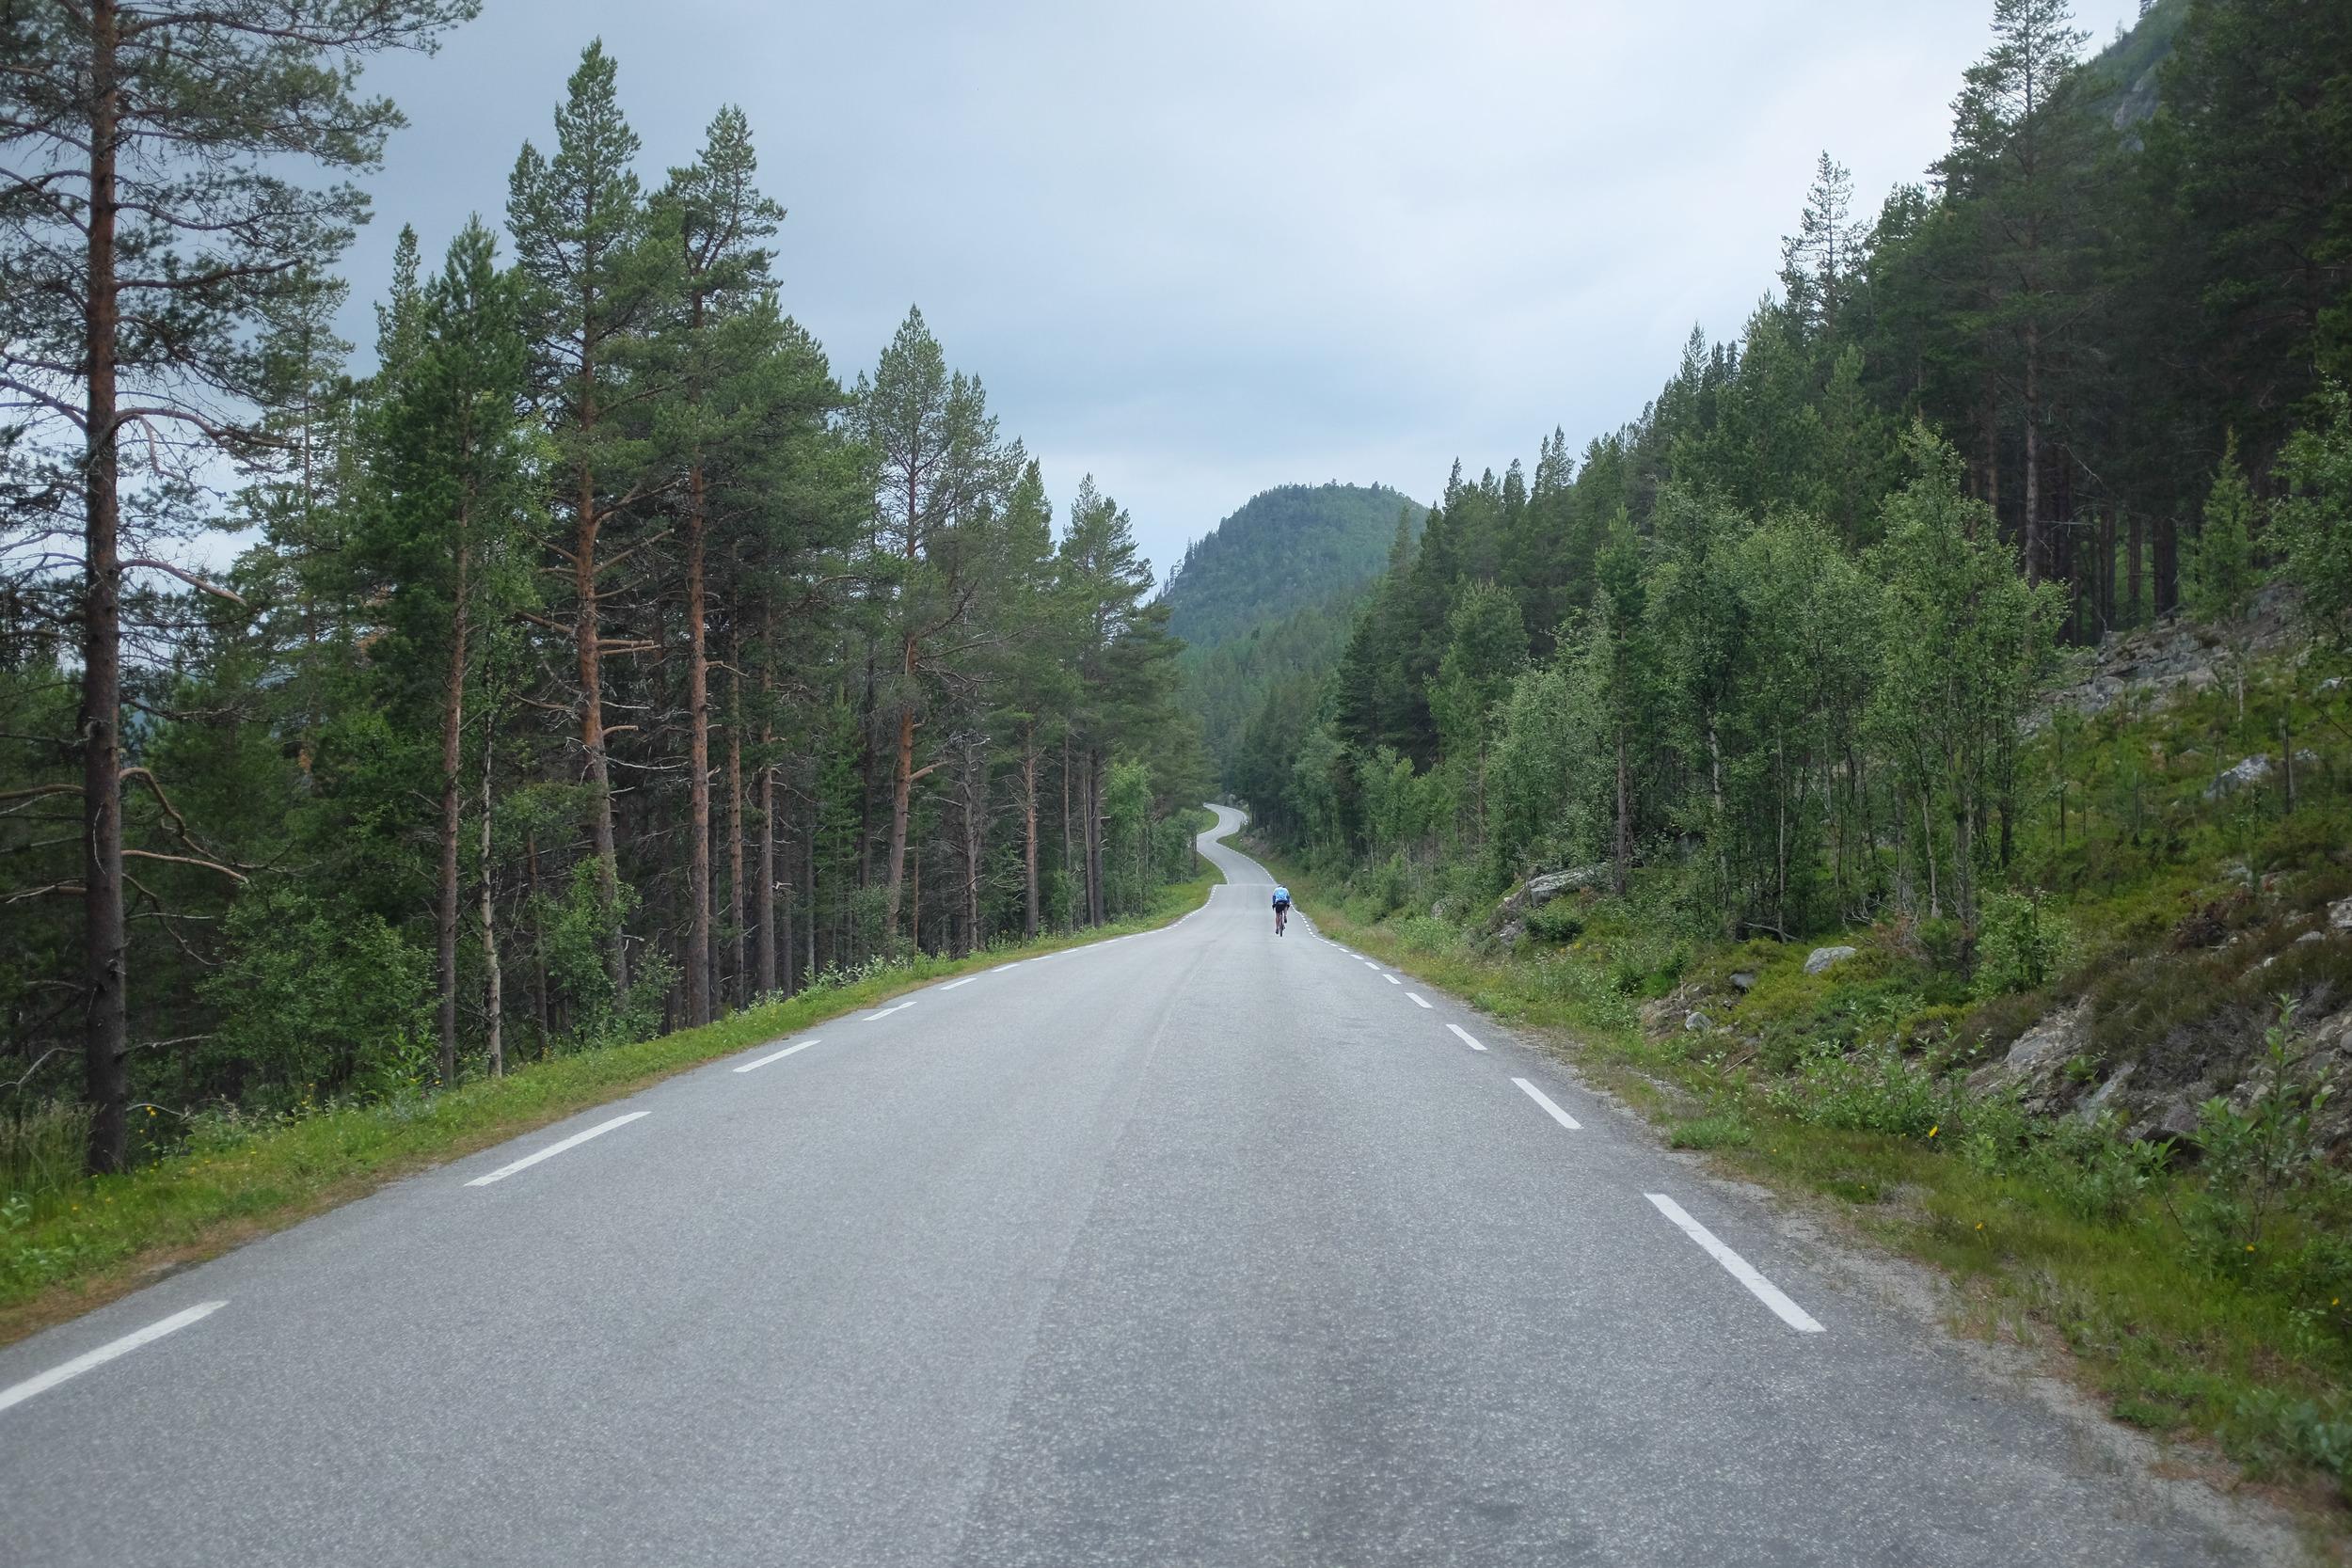 Roads like these